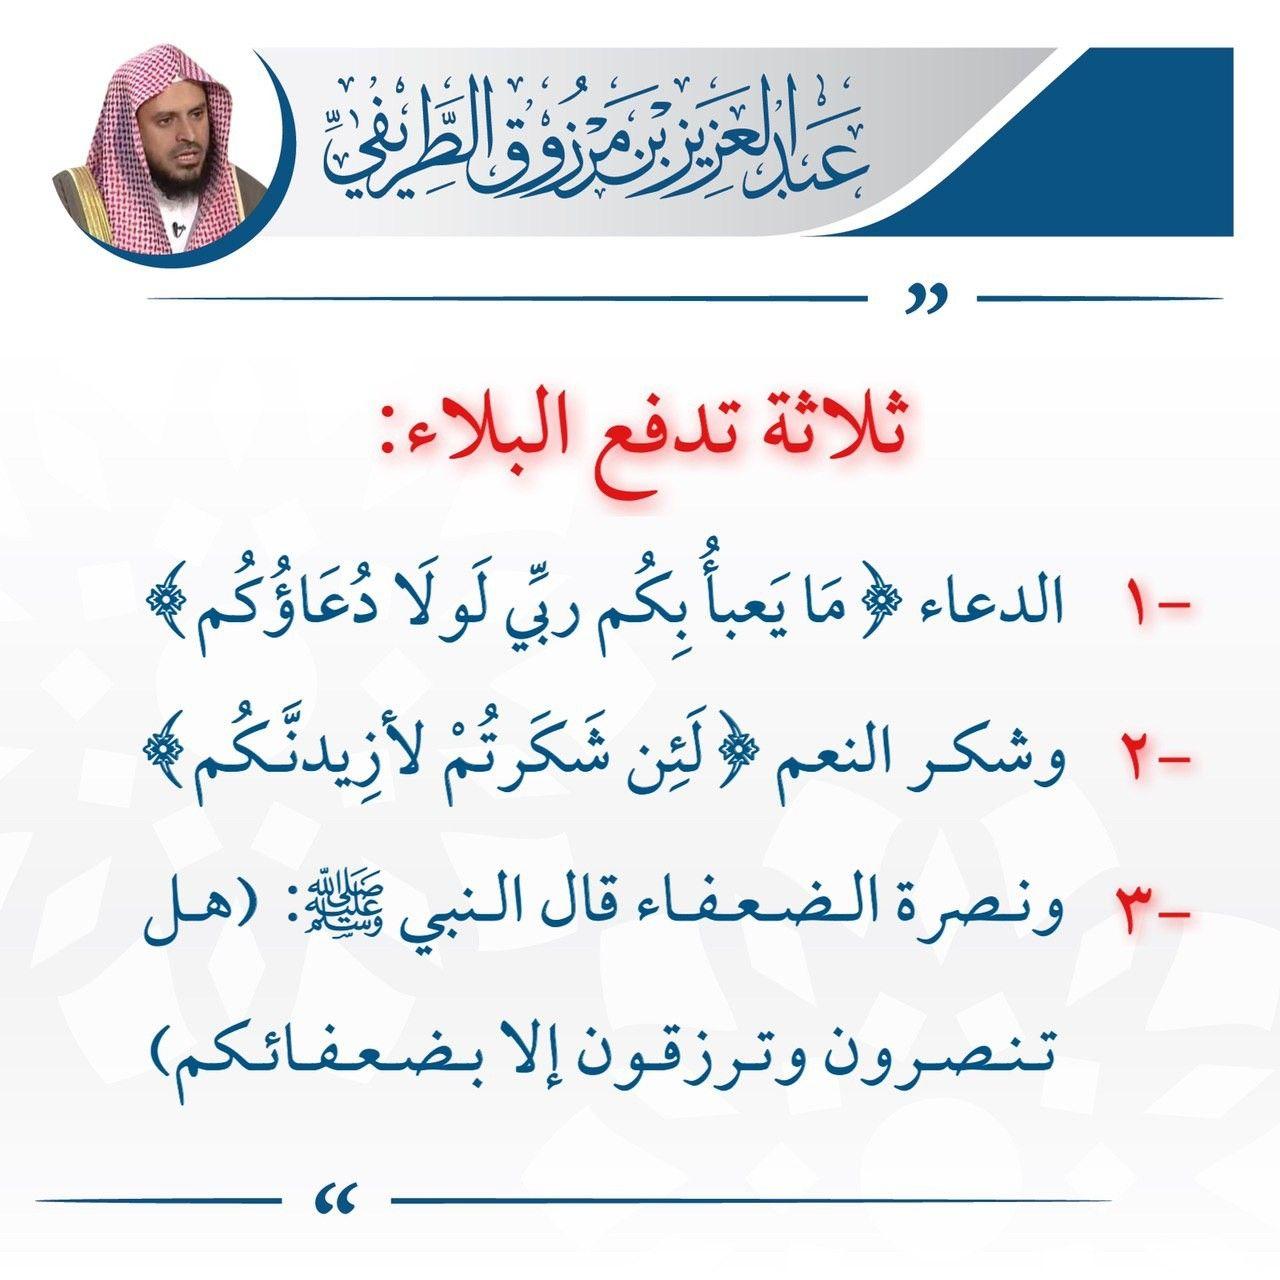 دفع البلاء Islam Quran Islam Words